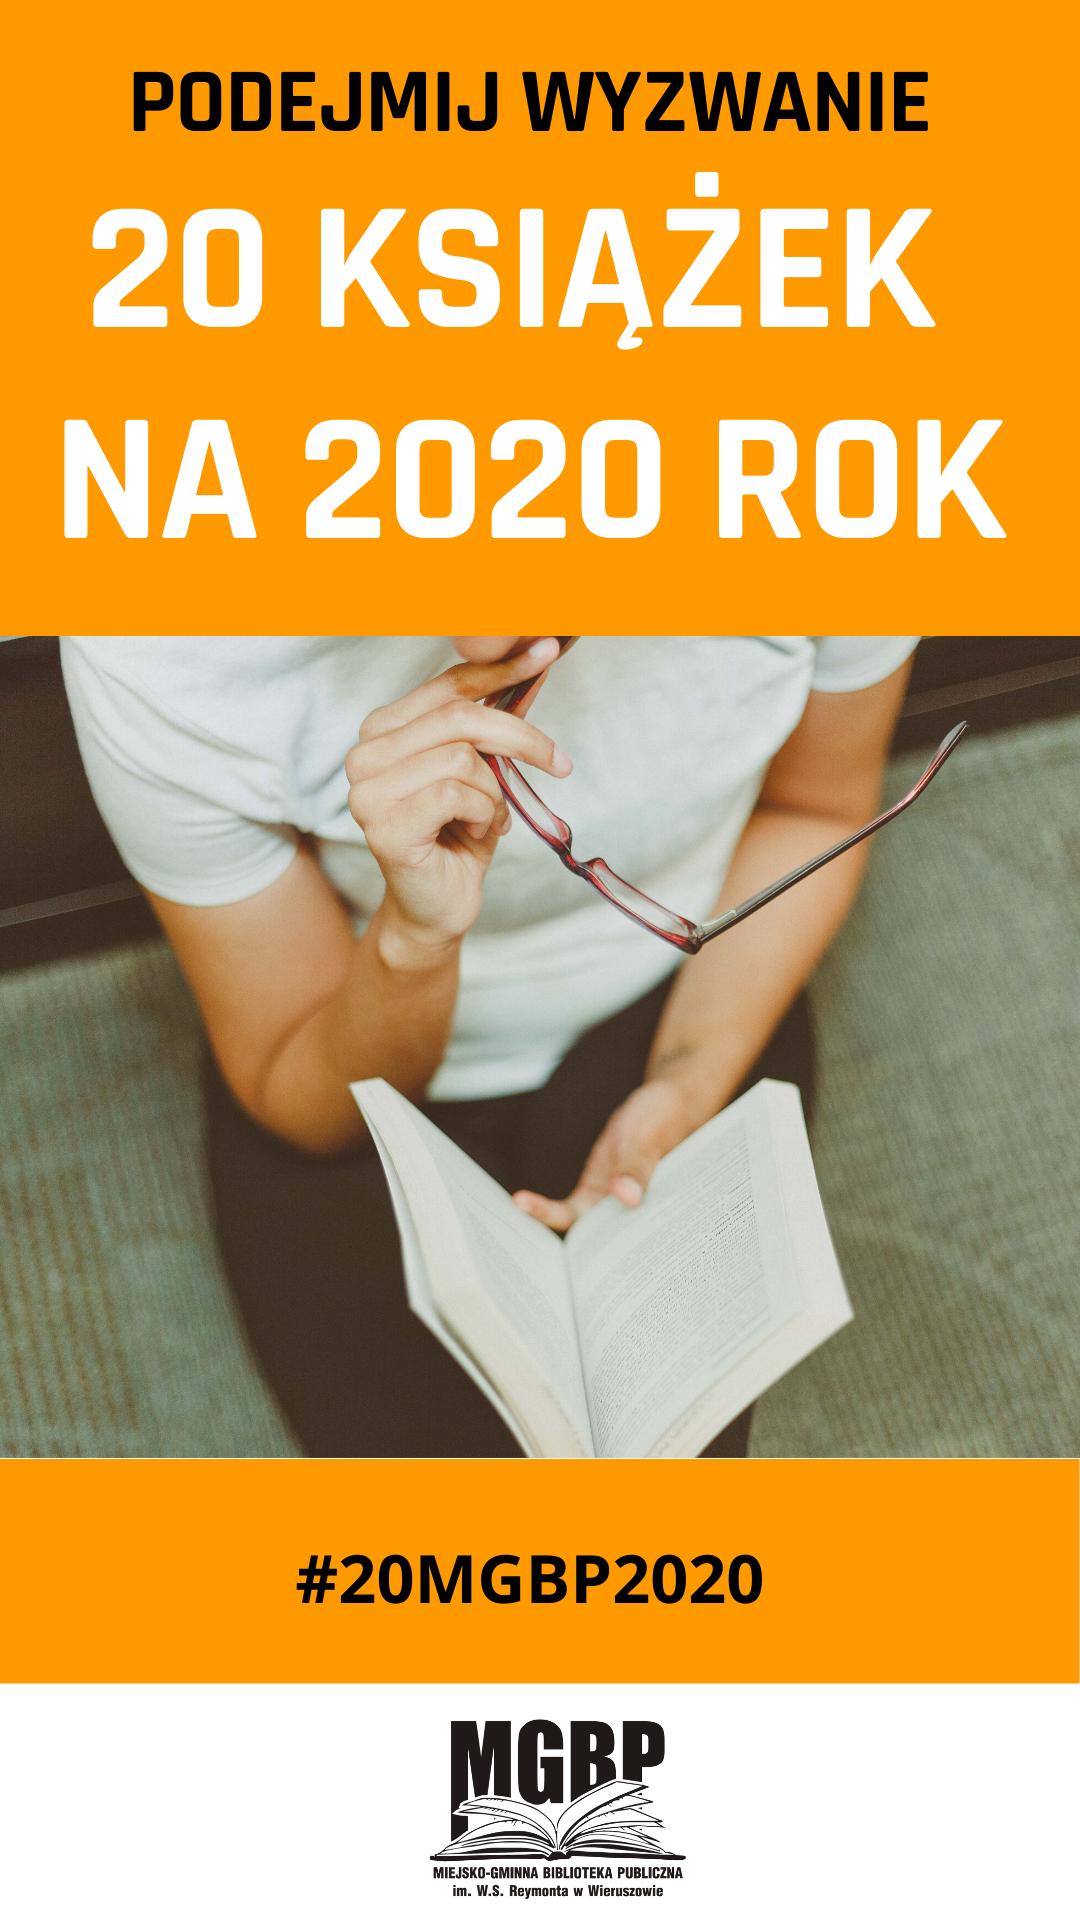 20 książek na2020 rok – podejmujesz wyzwanie?😎📙